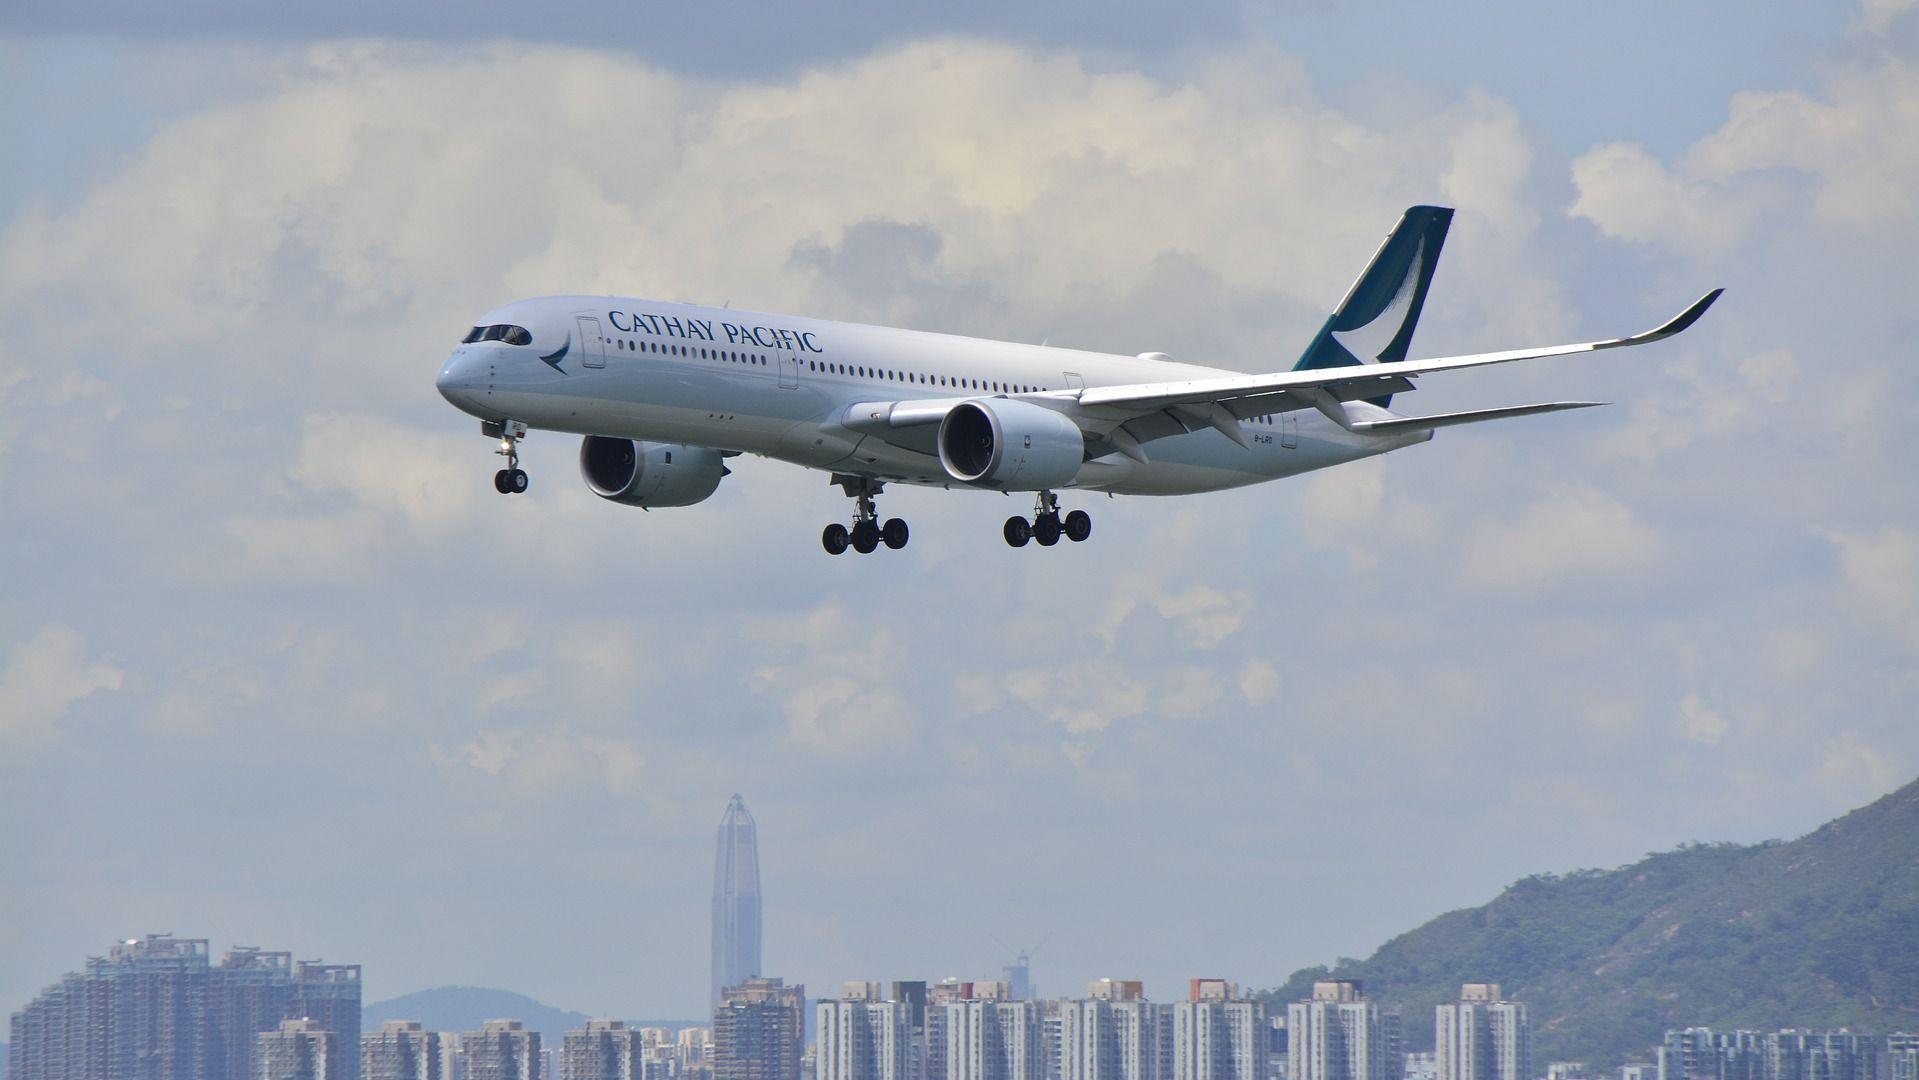 香港「キャセイ航空」従業員の4分の1をリストラ | 「財新」中国Biz&Tech ...